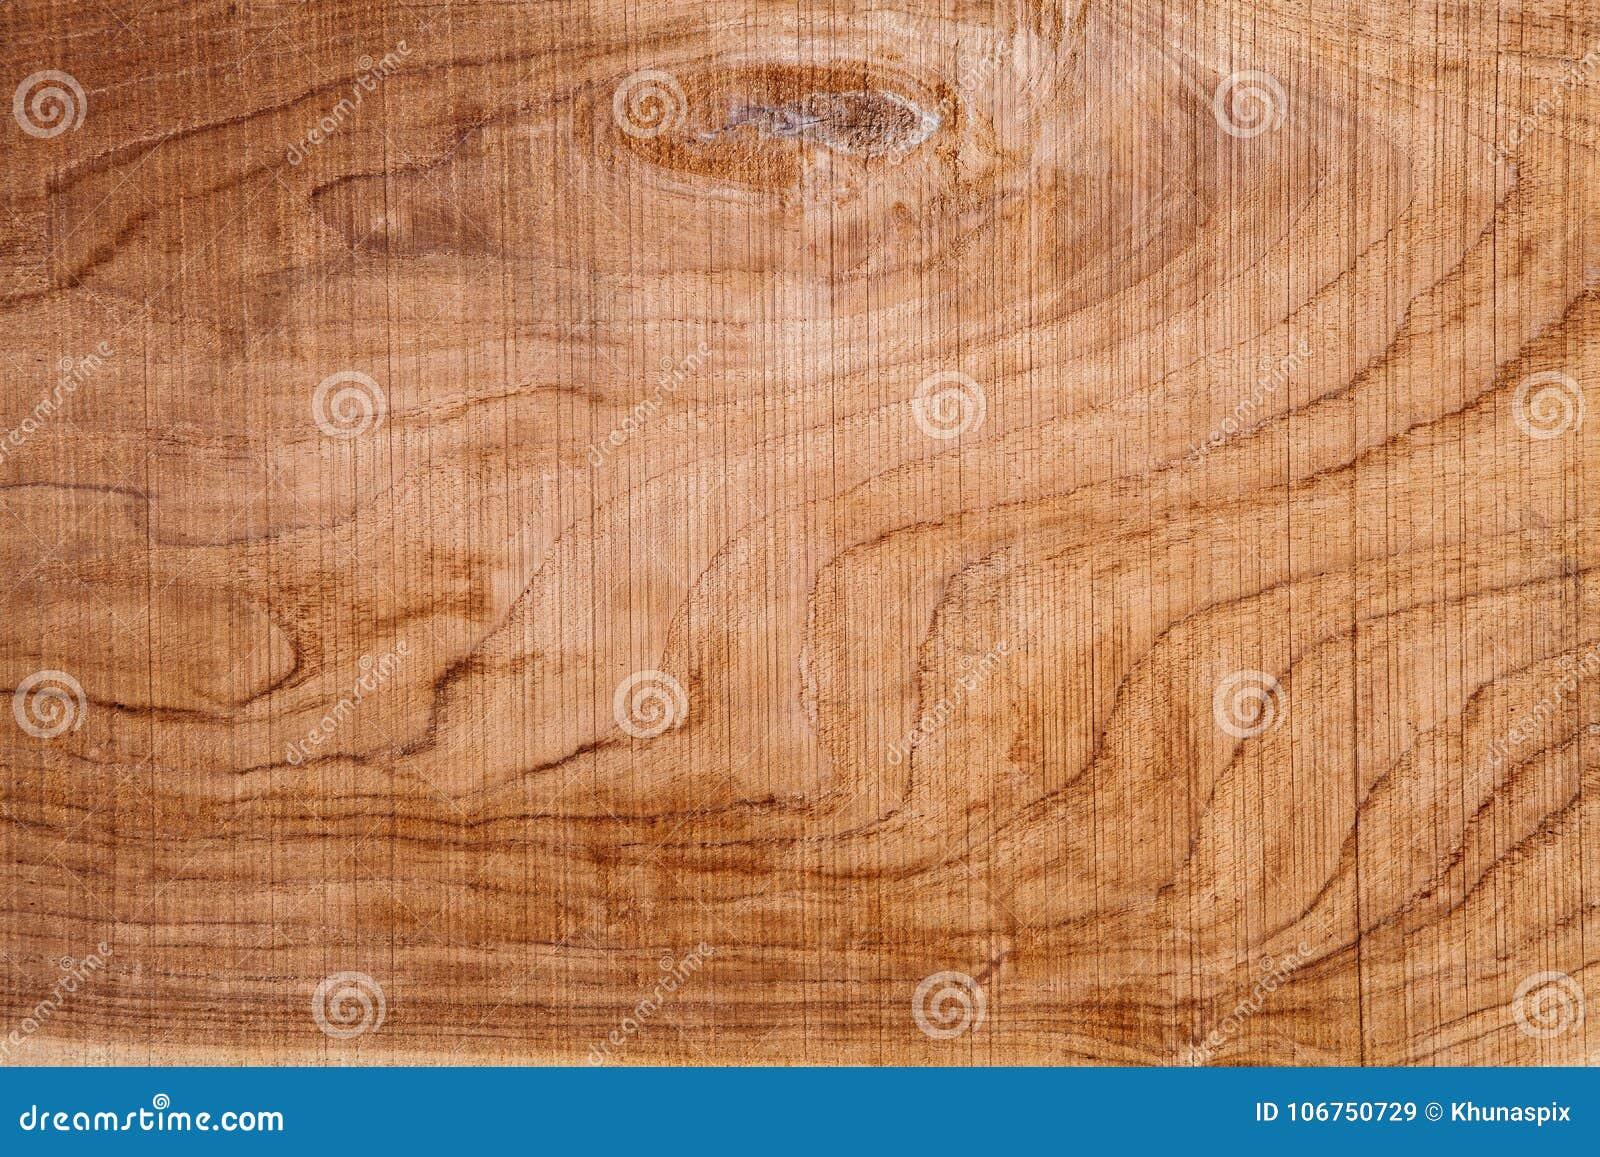 Abstrakcjonistyczna naturalna tekstura drewniany rozcięcie powierzchni use jako backgrou